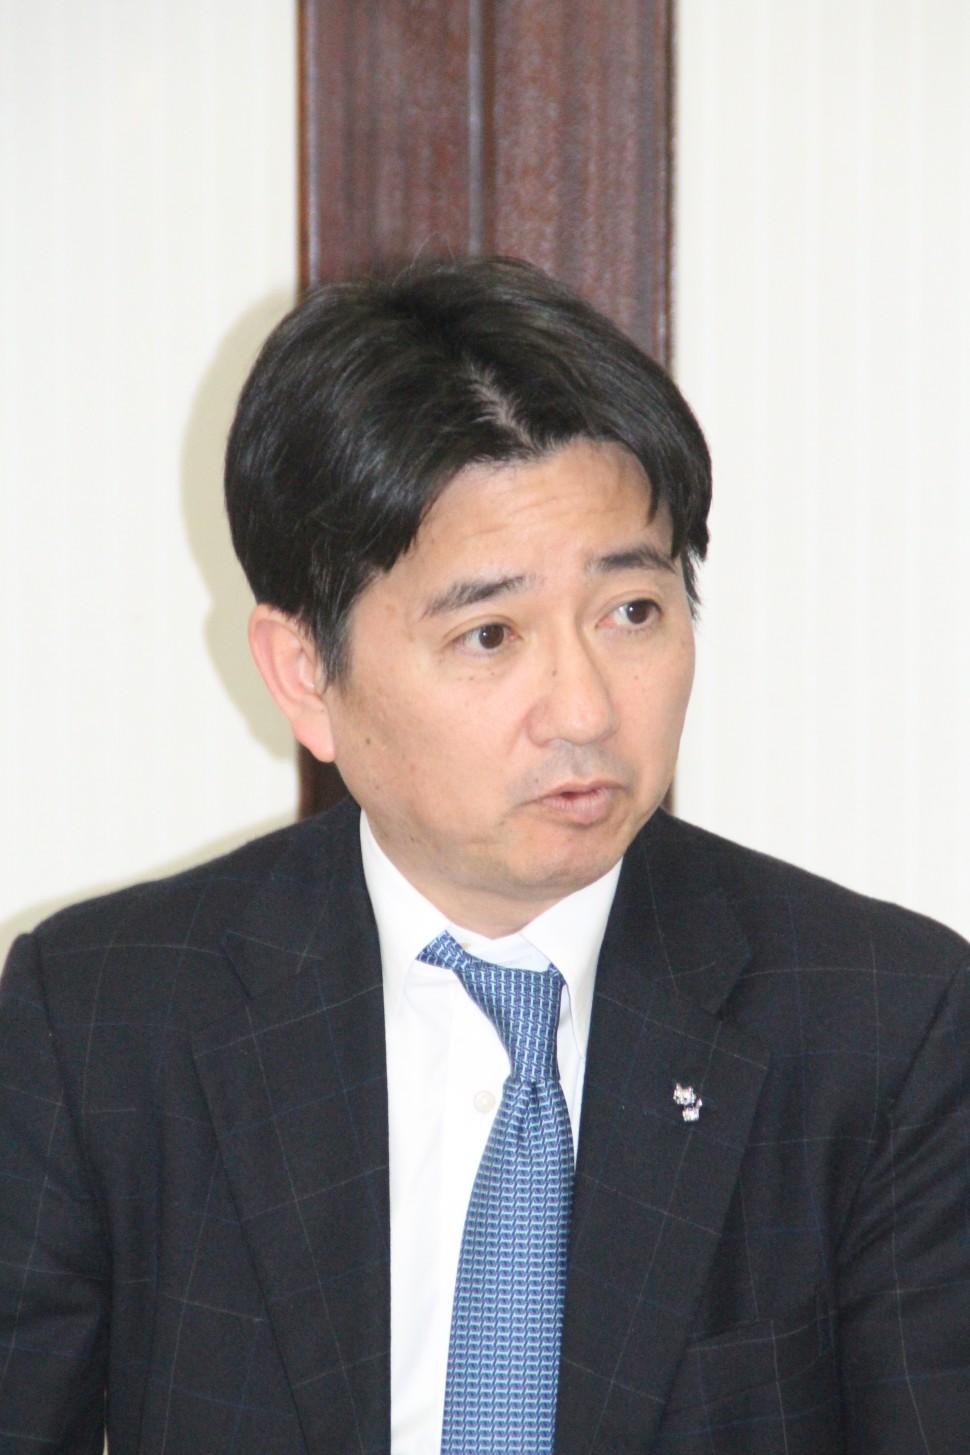 九州ゴム工業会について説明する中島会長